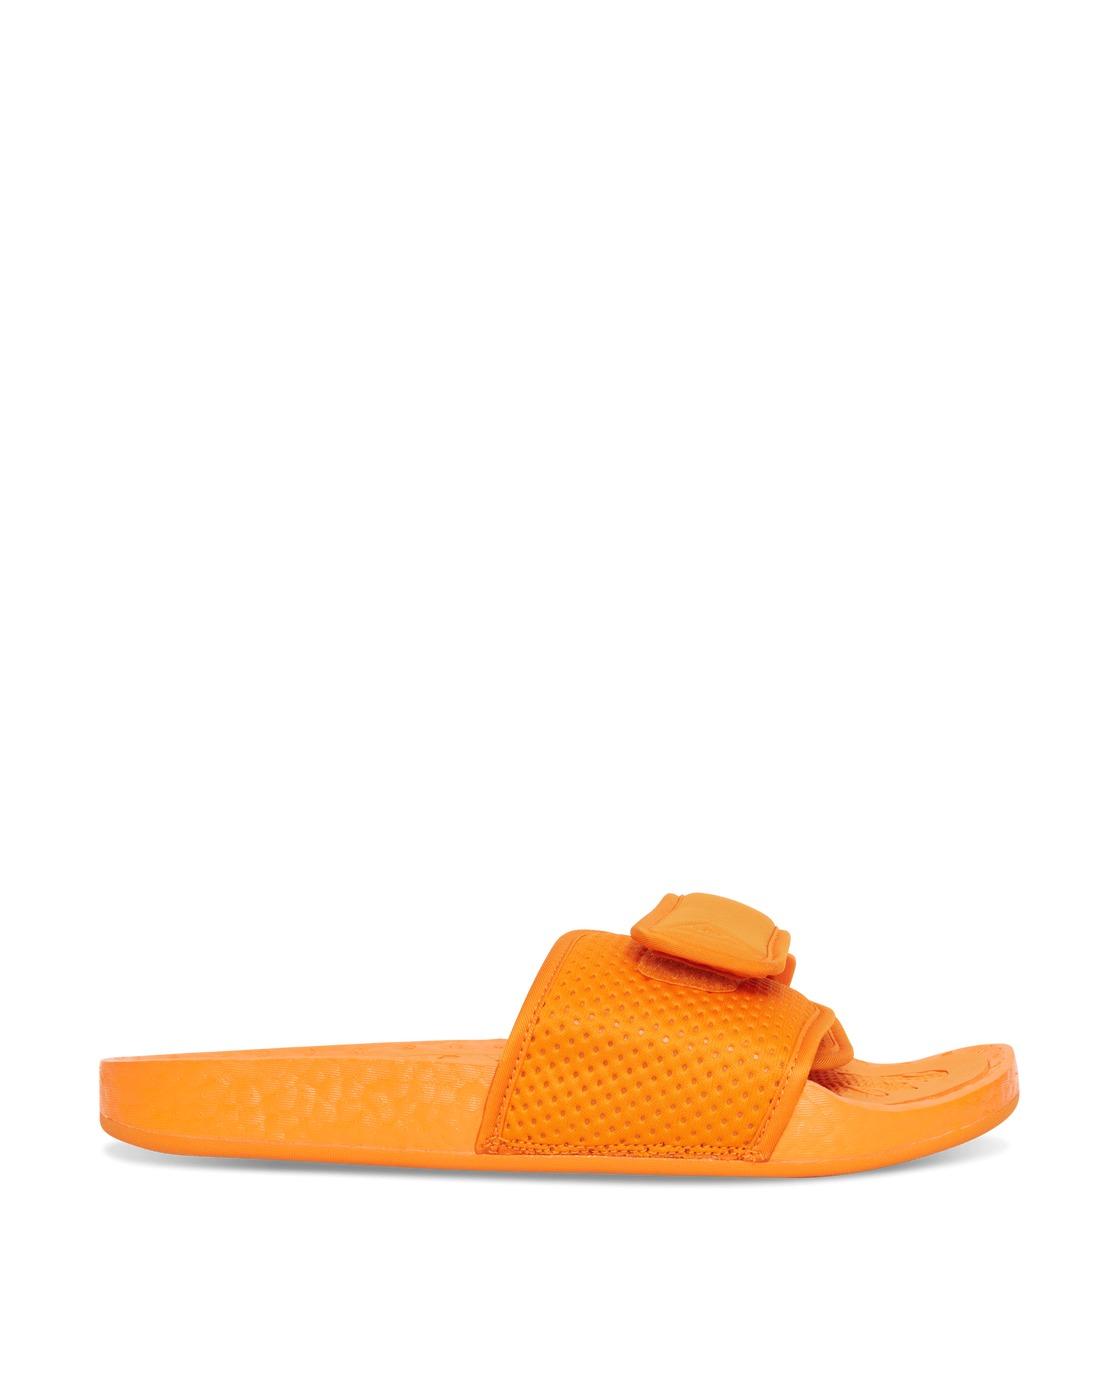 Adidas Originals Pharrell Williams Boost Slides Bright Orange